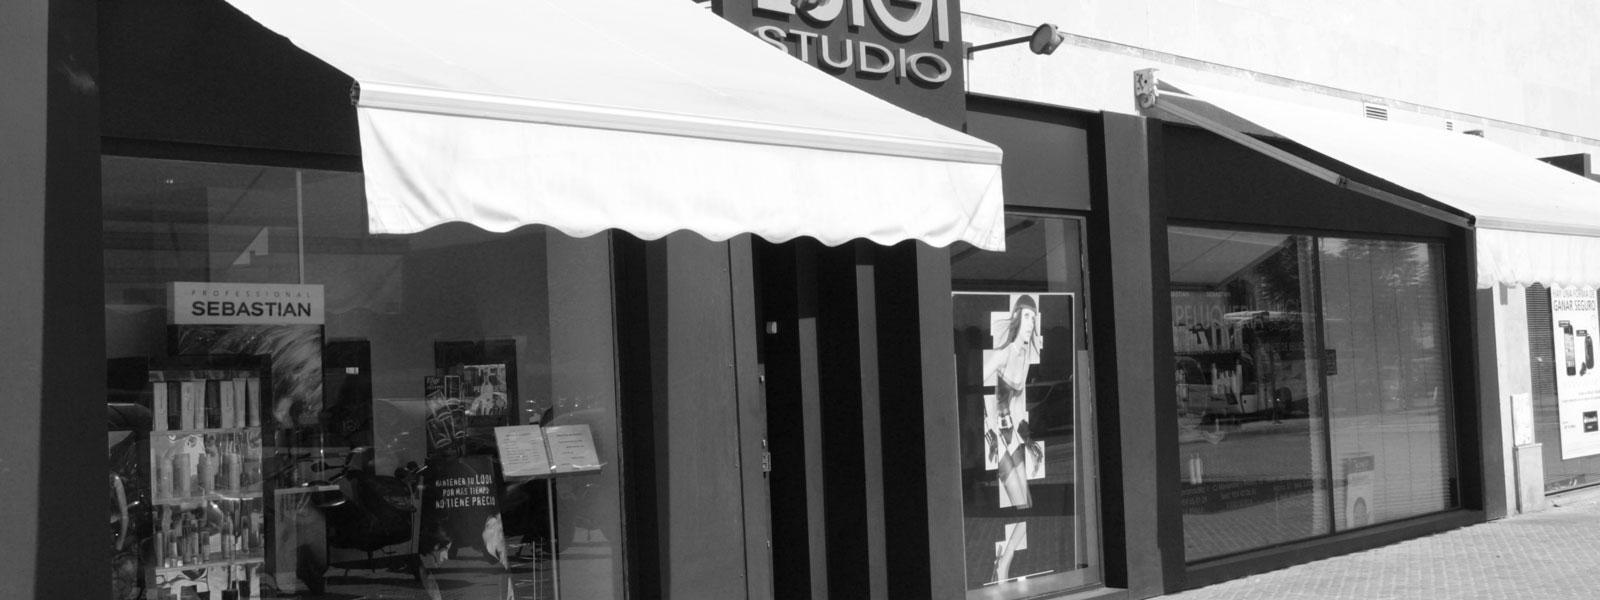 Peluquería en Sevilla - Luigi Studio